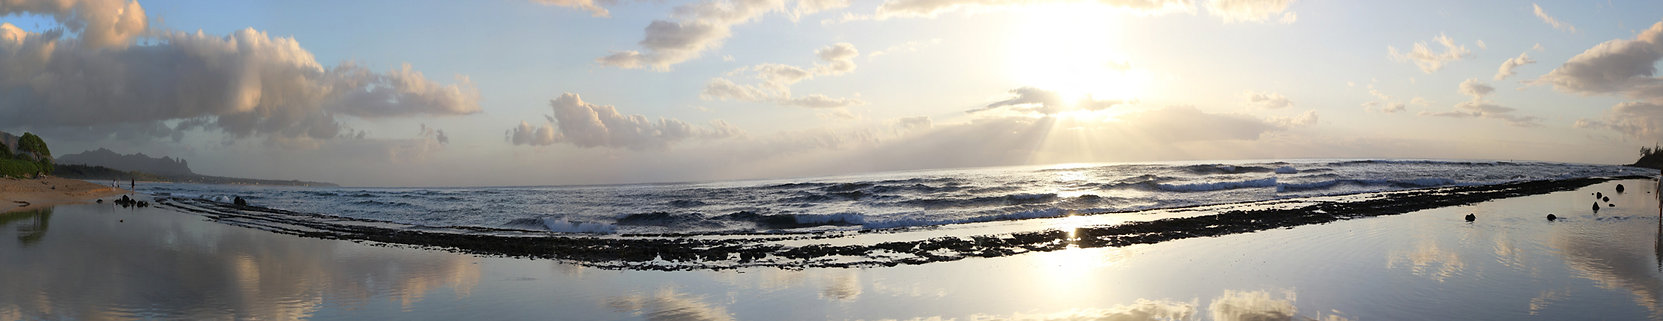 beach_C.jpg